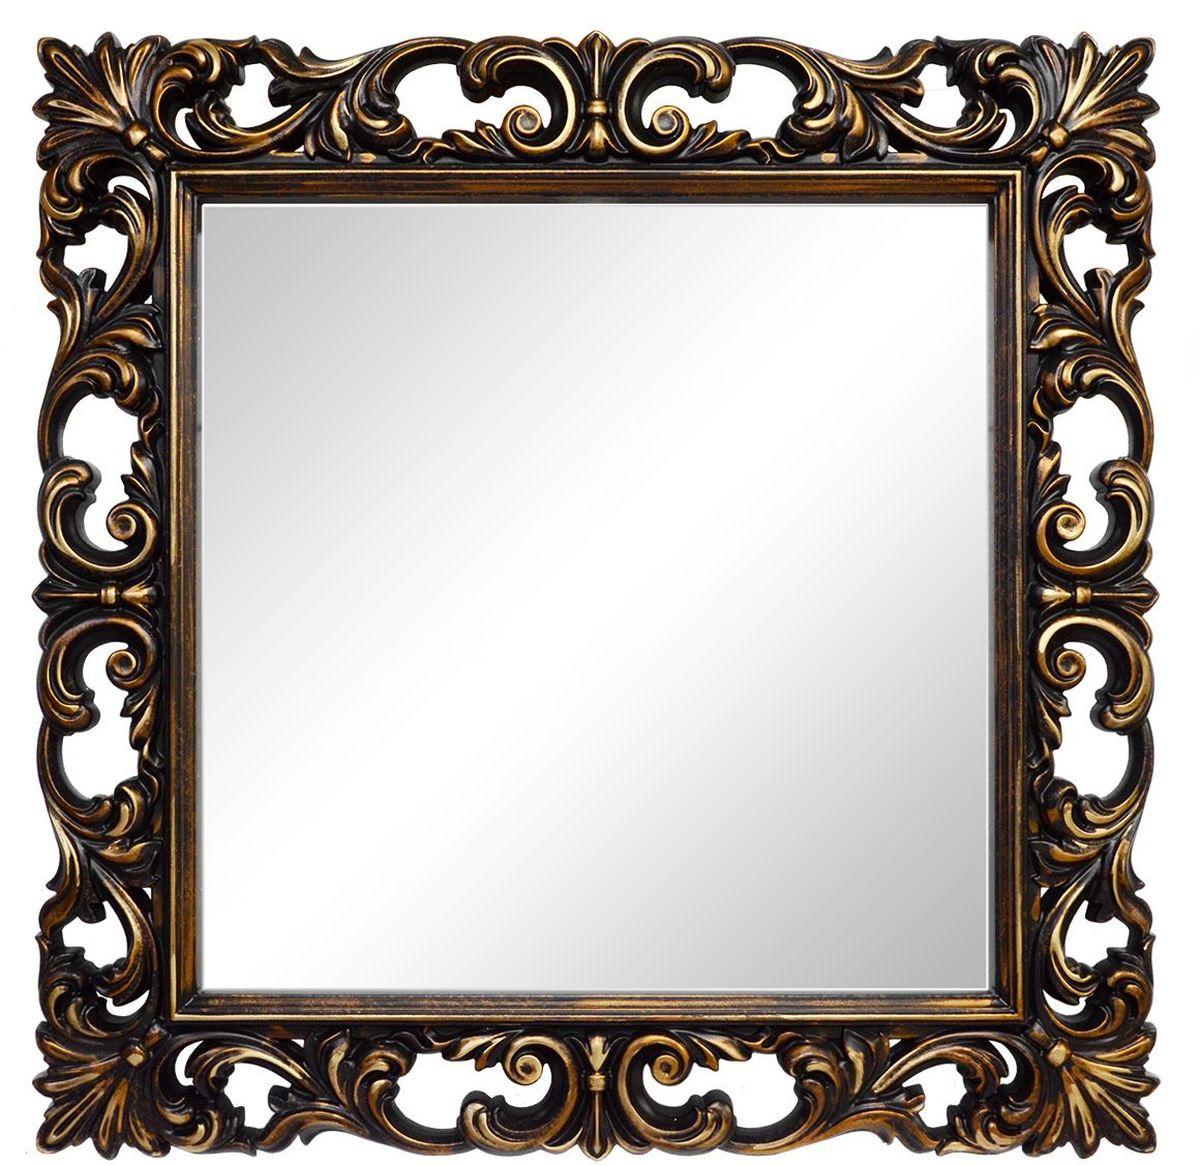 Зеркало VezzoLLi Нованто, цвет: коричневый, 90 х 90 см25-05Подвесы в комплекте. Видимый размер зеркала 63х63 см. Ширина обрамления 13,5 см.